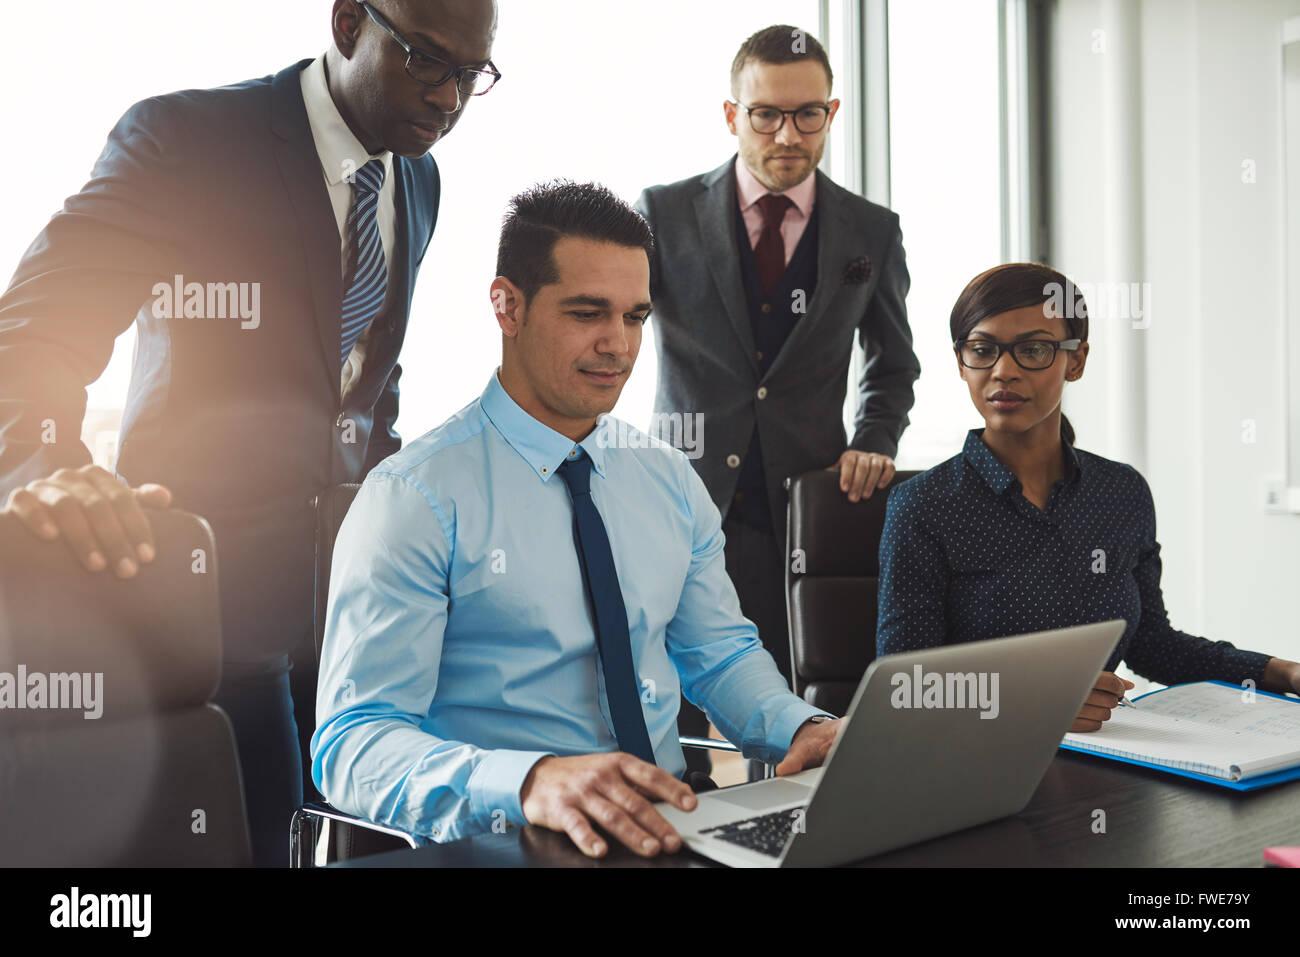 Gruppo di diverse persone di affari in abbigliamento formale all'interno del loro ufficio a discutere o guardando Foto Stock